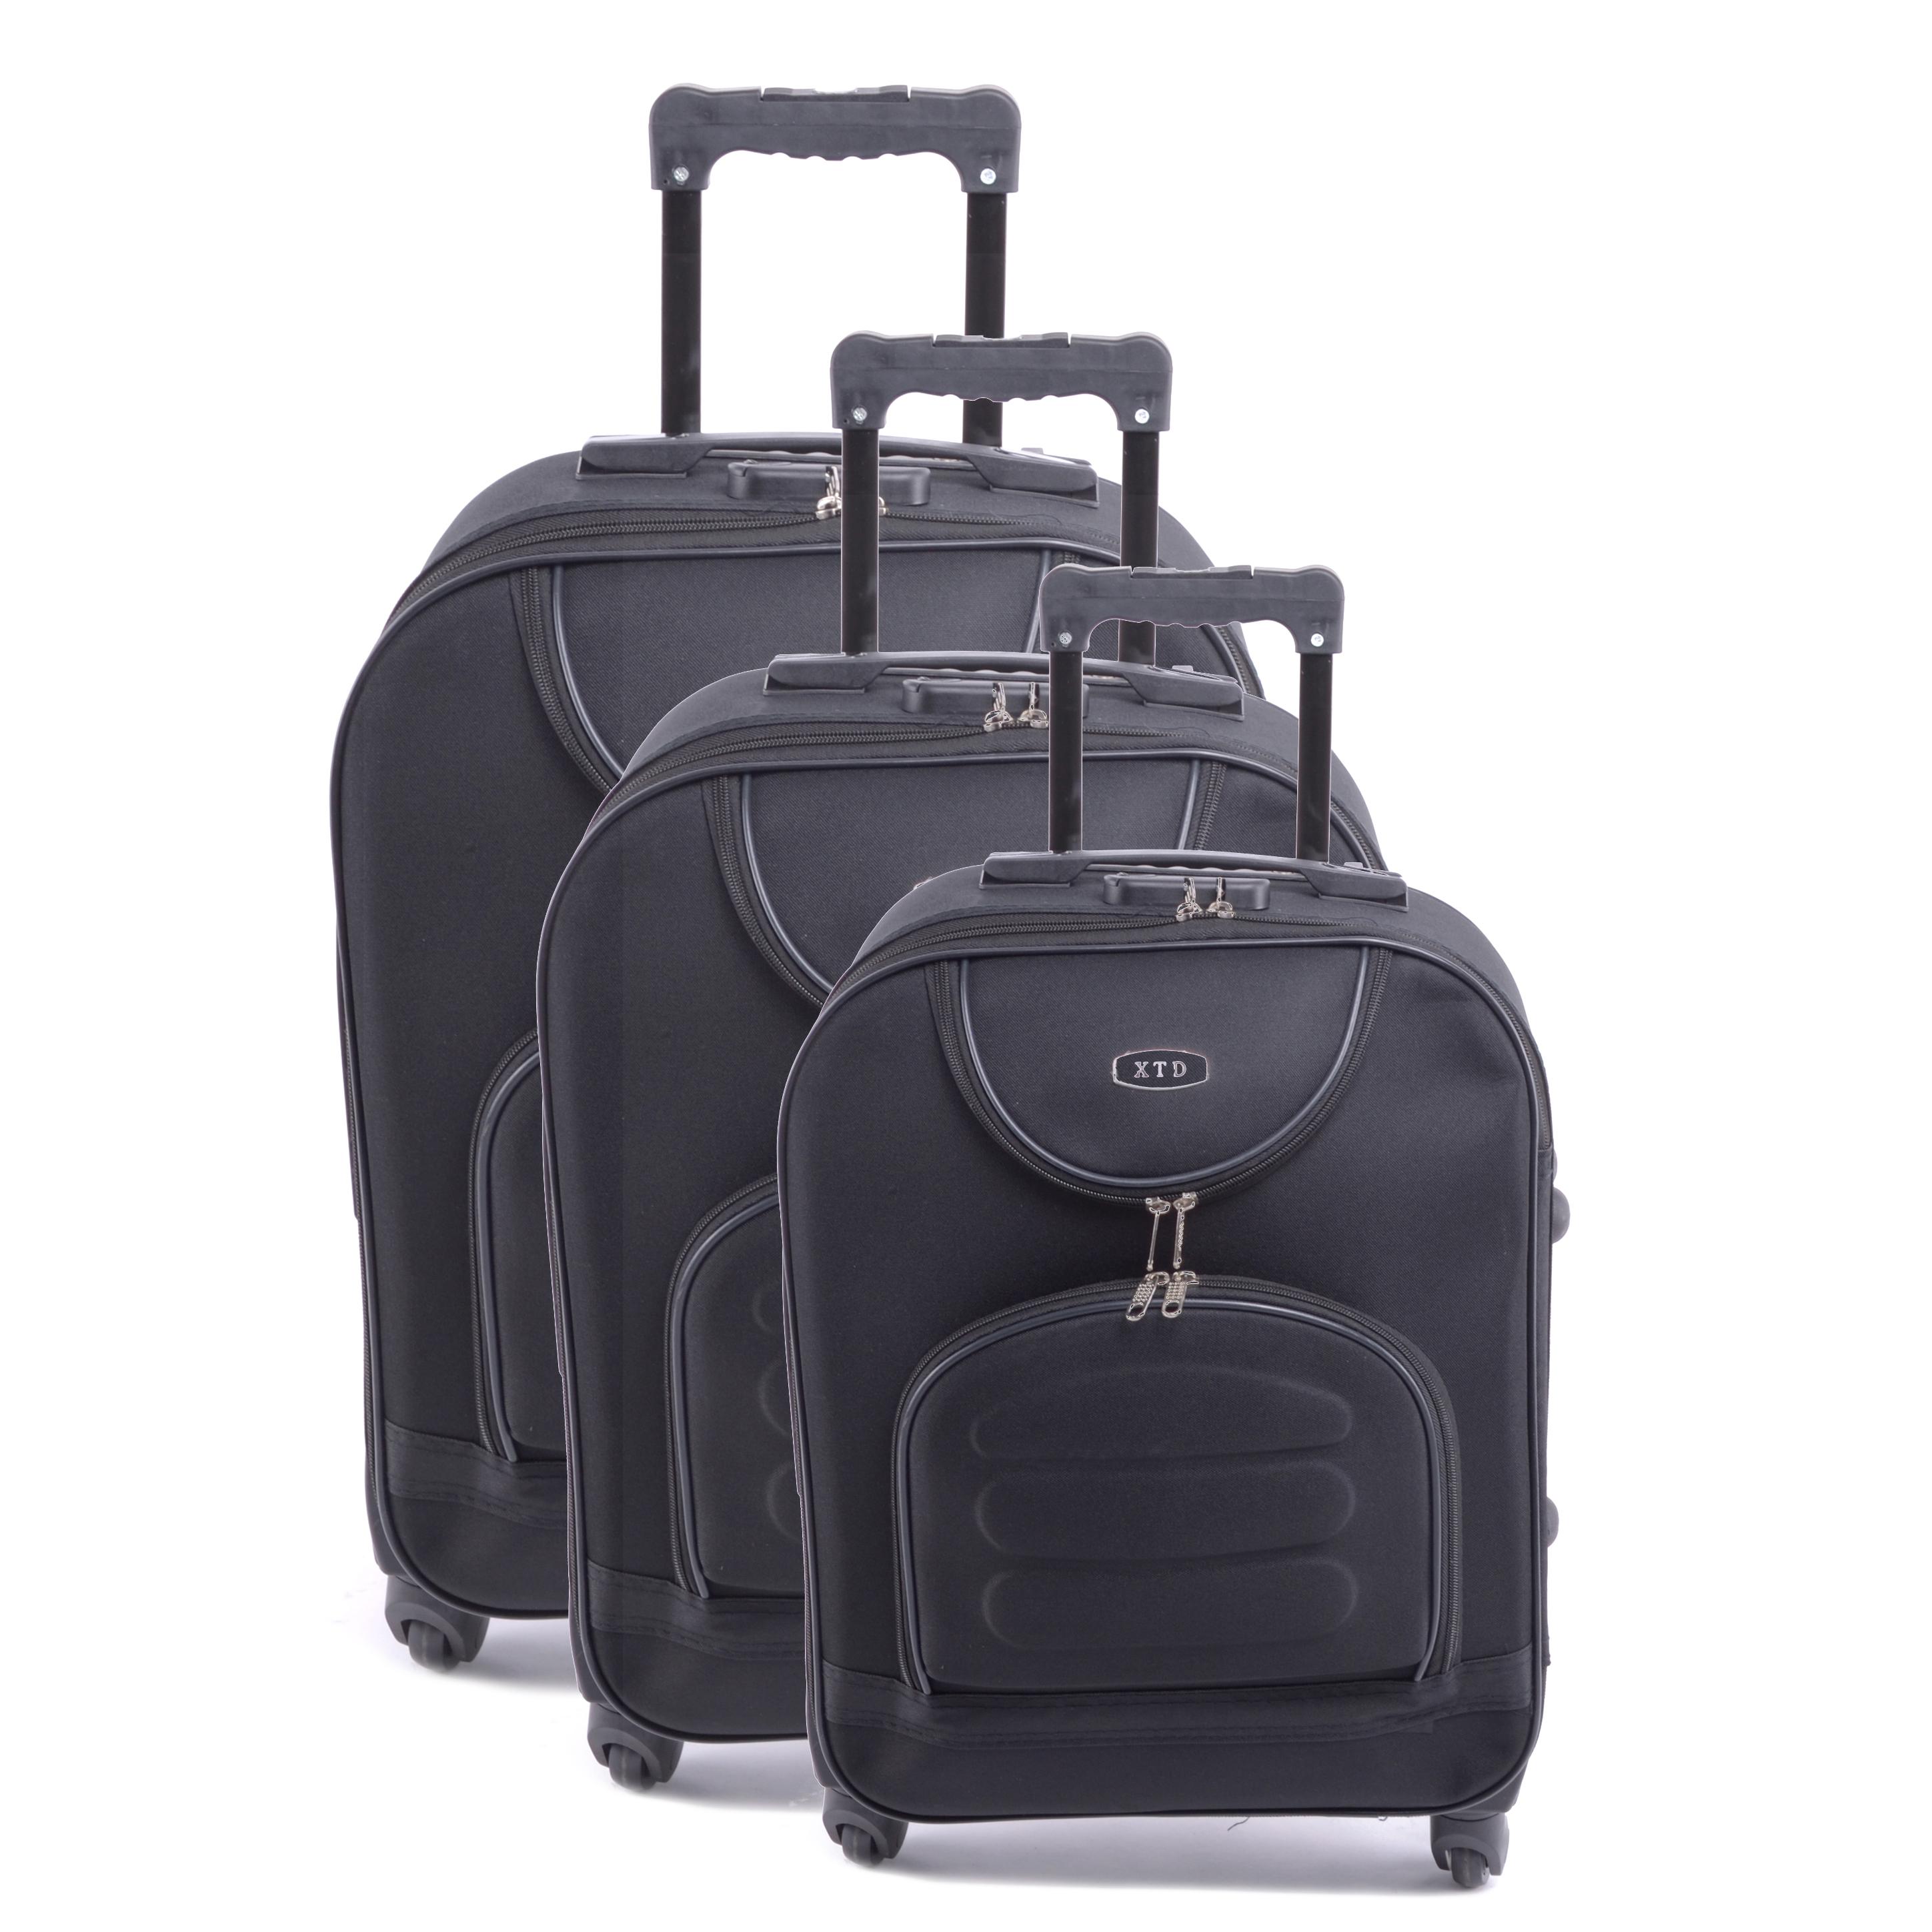 Xtd Bőrőnd Szett Fekete (4 Kerekű) - NAGY MÉRETŰ BŐRÖNDÖK - Táska webáruház  - Minőségi táskák mindenkinek aa43387bcd